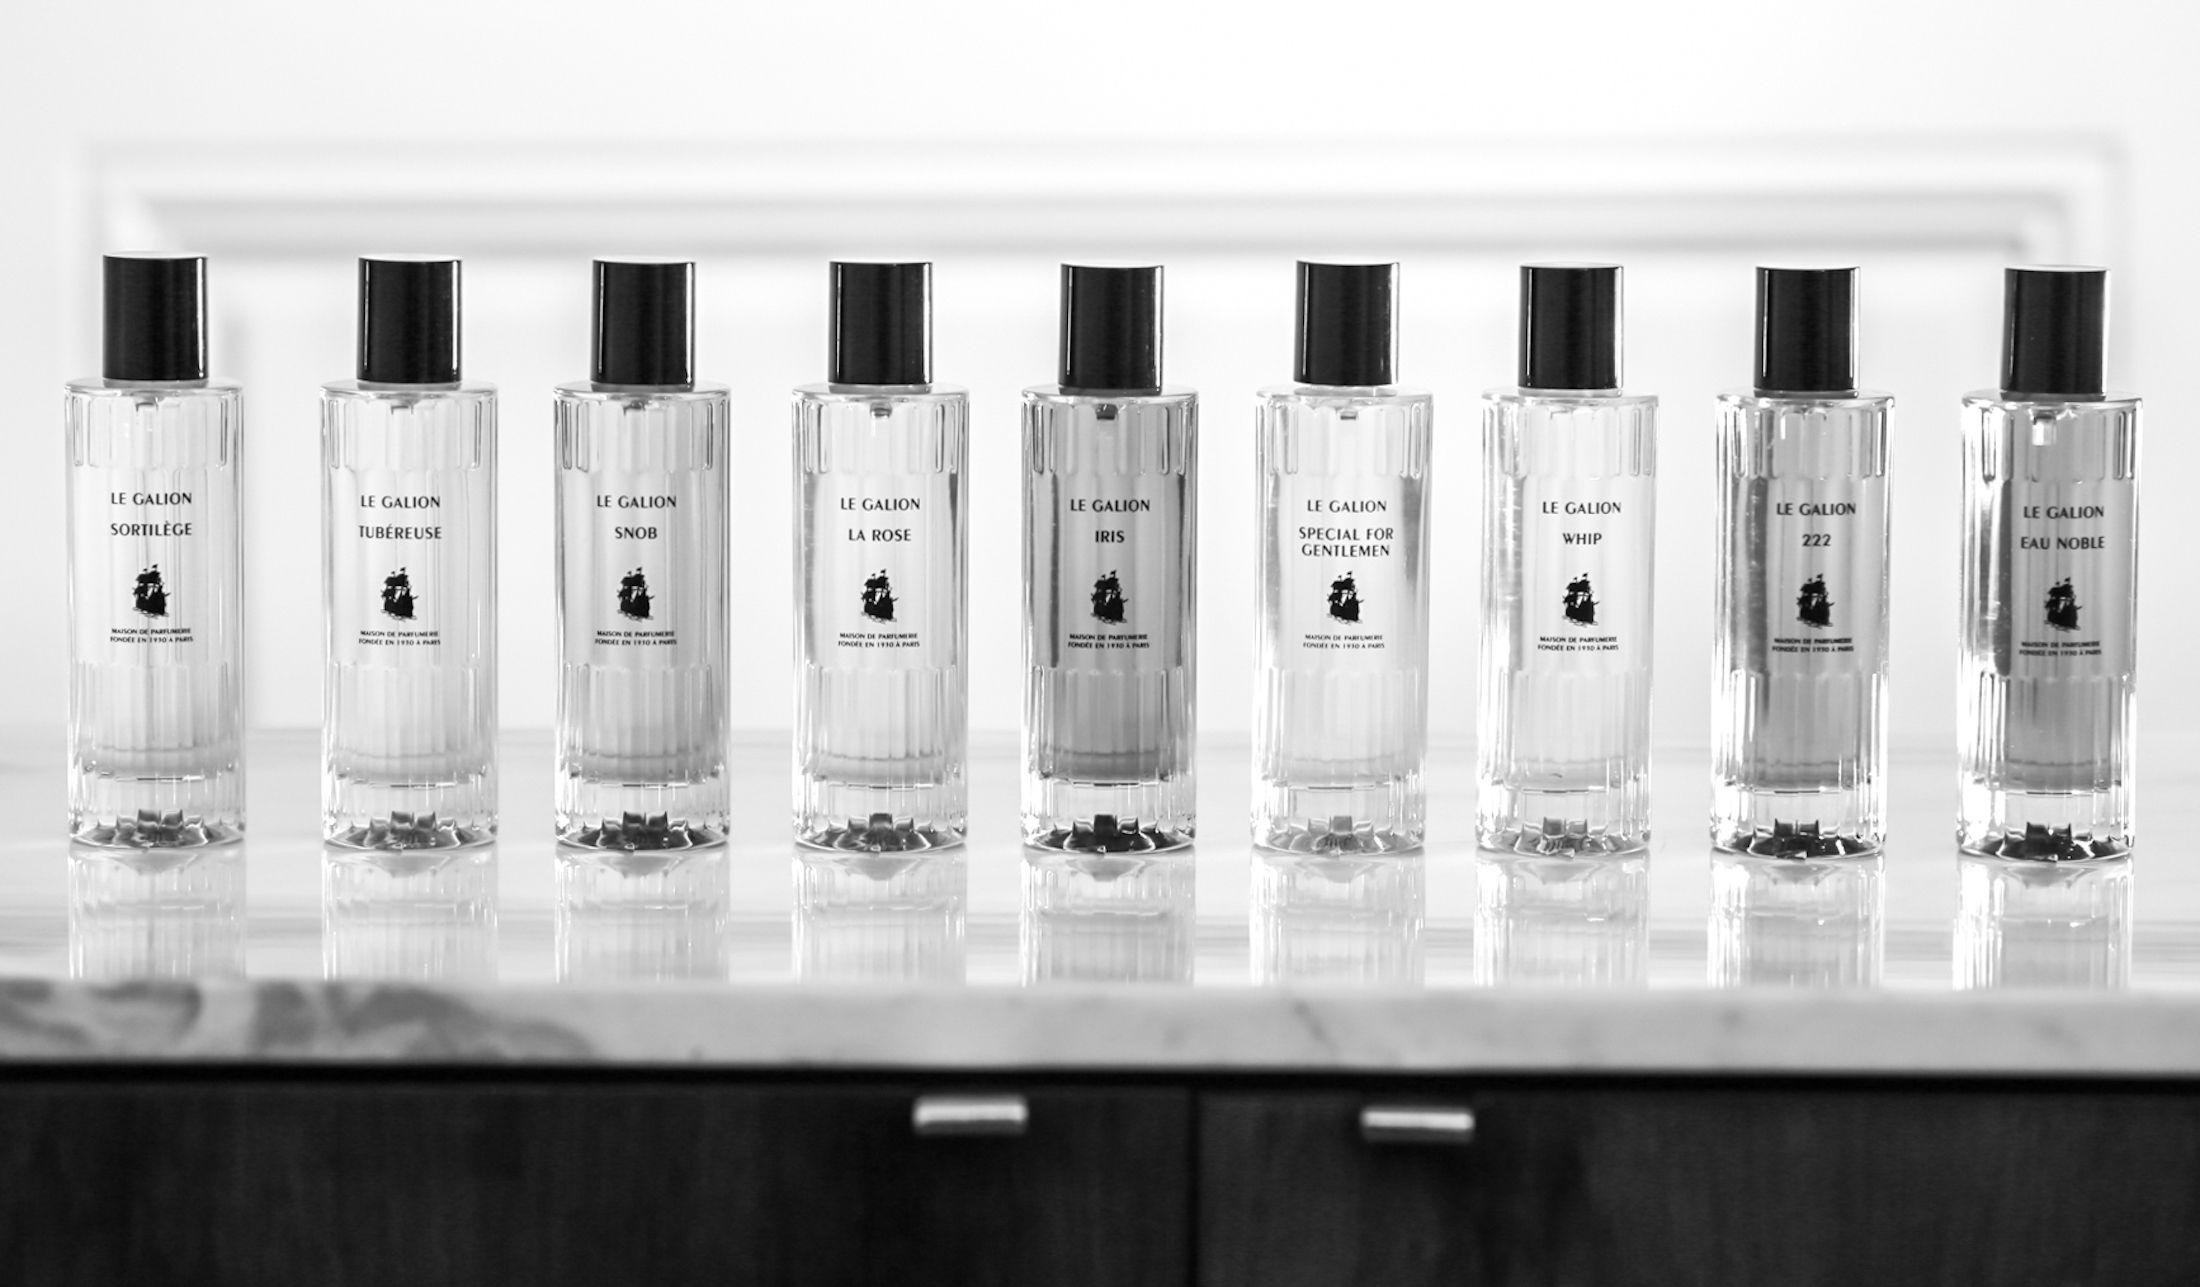 伝説と呼ばれた香りが詰まった香水ボトル9点